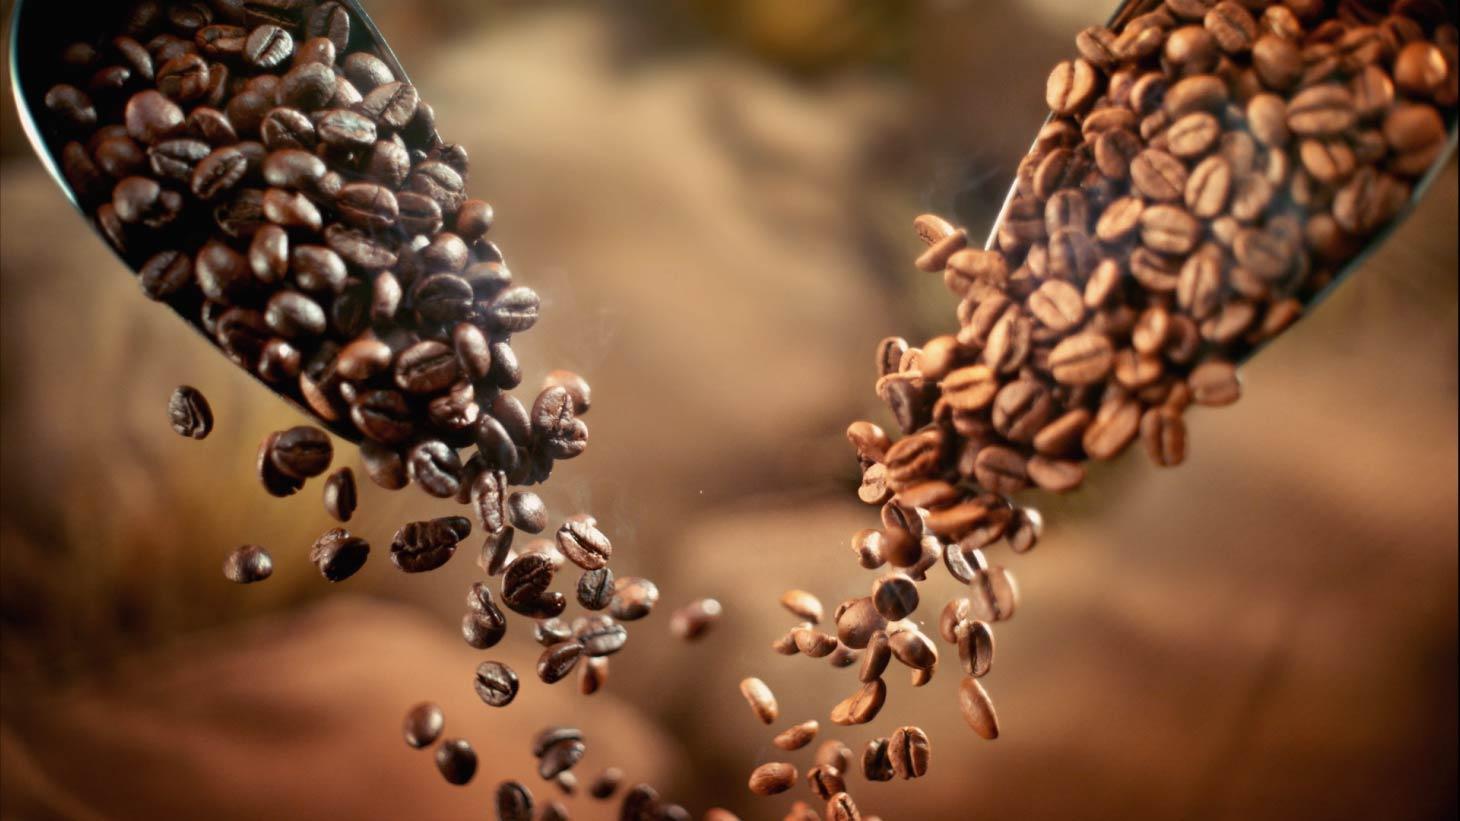 Granos de café oscuro y granos de café ligero cayendo para ser tostados